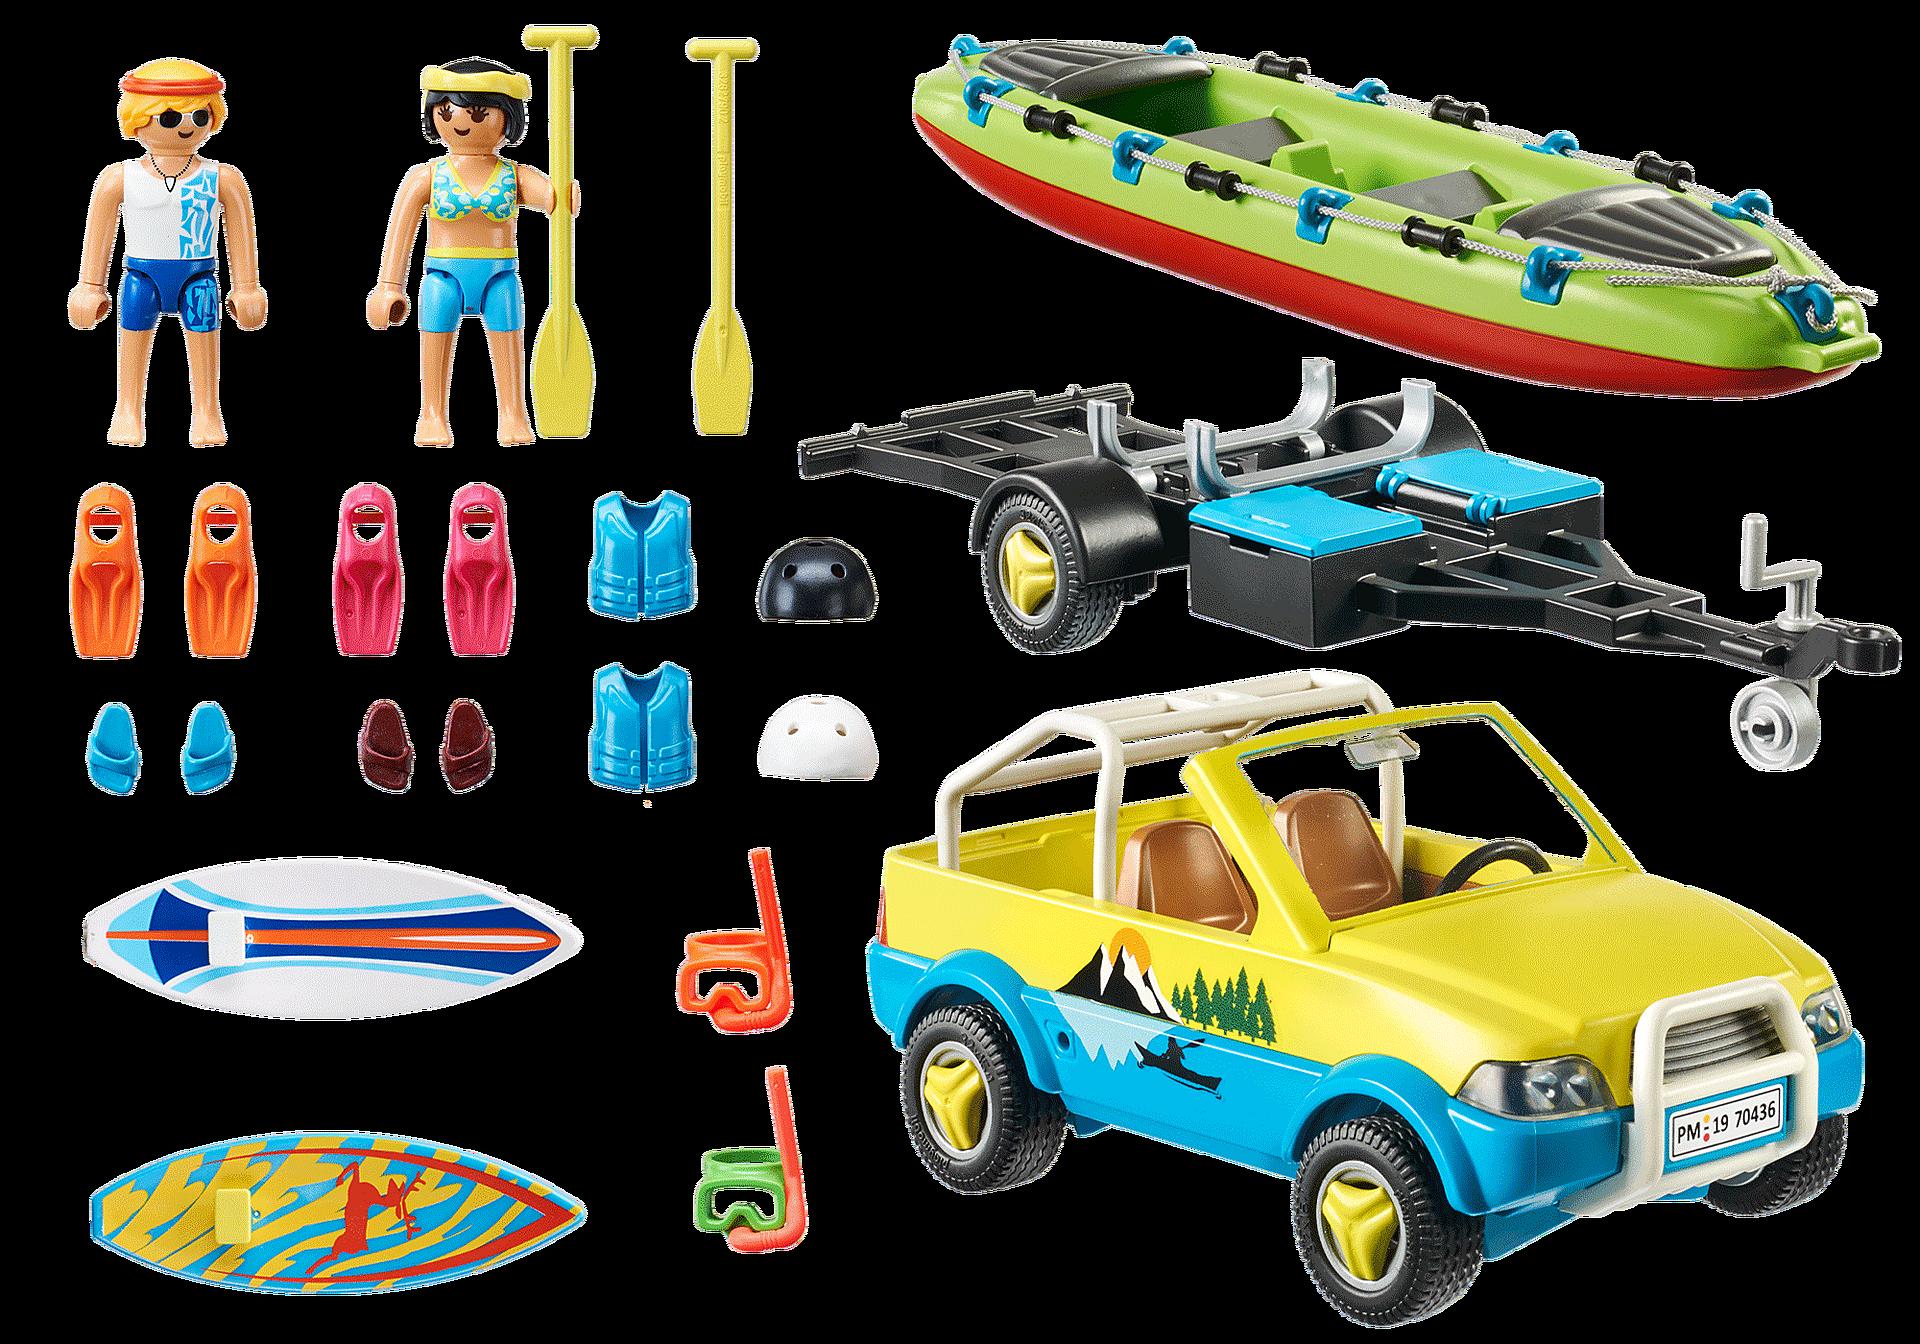 70436 Пляжный автомобиль с прицепом для байдарки zoom image3